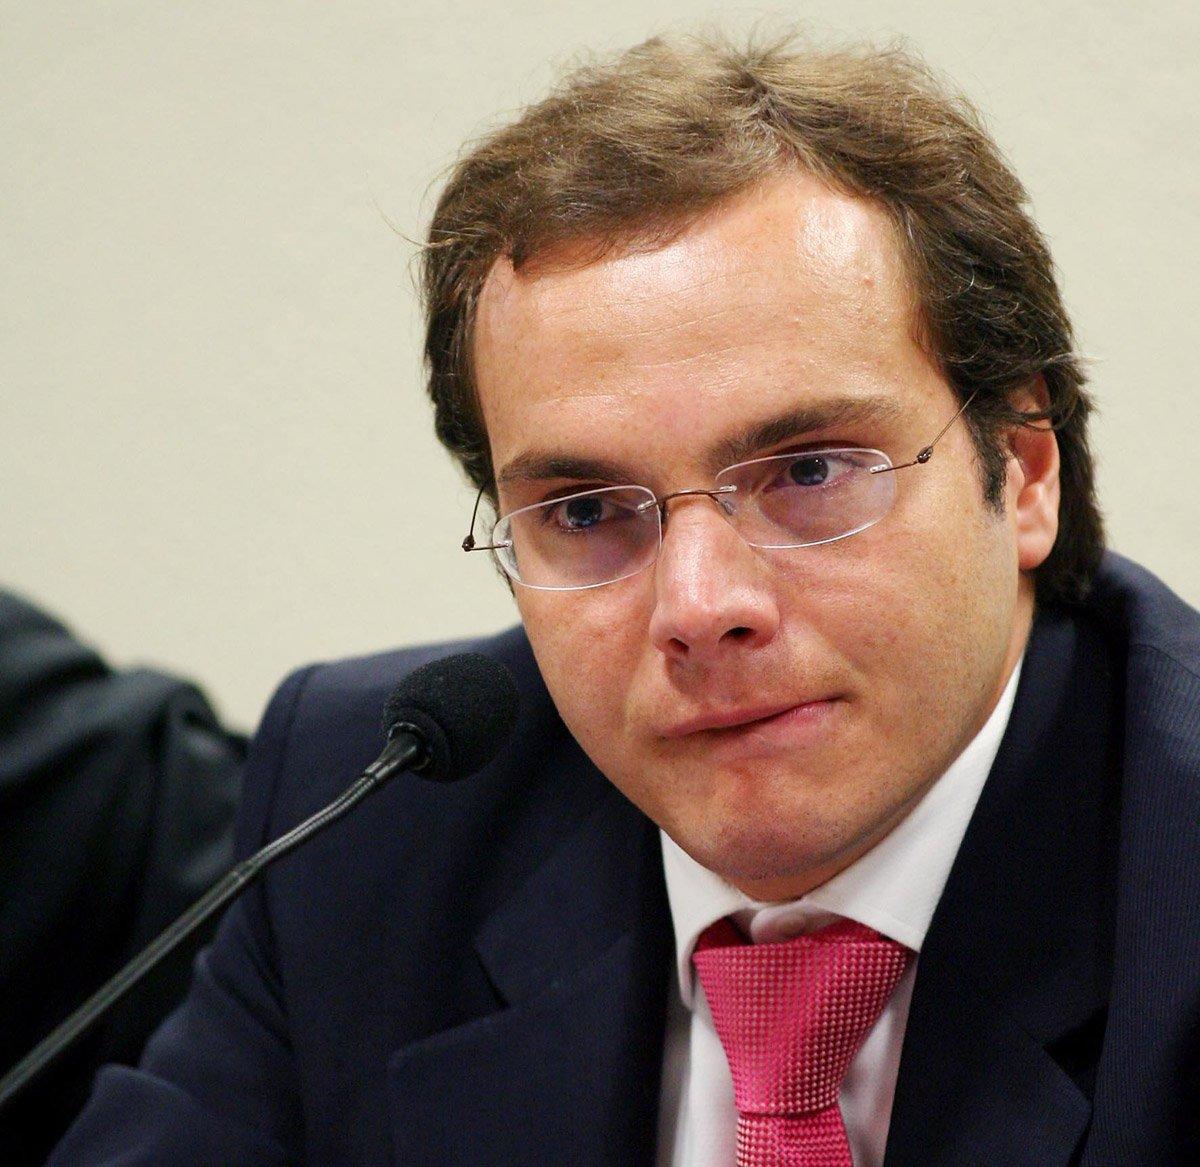 """Delação mostra depósitos de R$ 173 milhões para operador de Eduardo Cunha; segundo o documento, o ex-deputado controlava a liberação de crédito na Caixa Econômica Federal e a propina foi paga para """"a turma do PMDB na Câmara"""""""